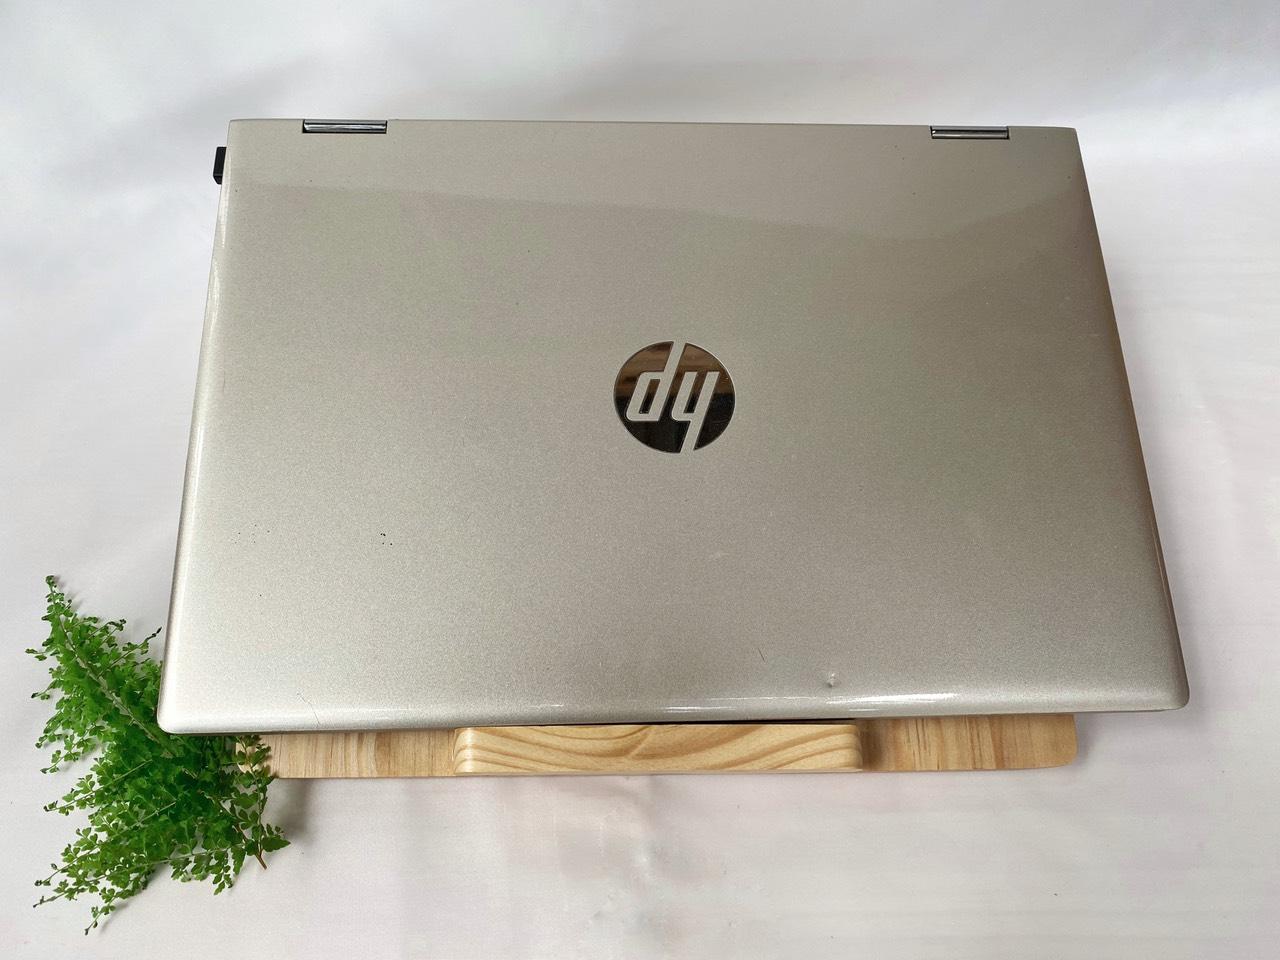 Đế laptop bằng gỗ, kiểu dáng thanh lịch, sang trọng, chân dựa cao, tản nhiệt tốt, trọng lượng nhẹ phù hợp cho những người di chuyển nhiều